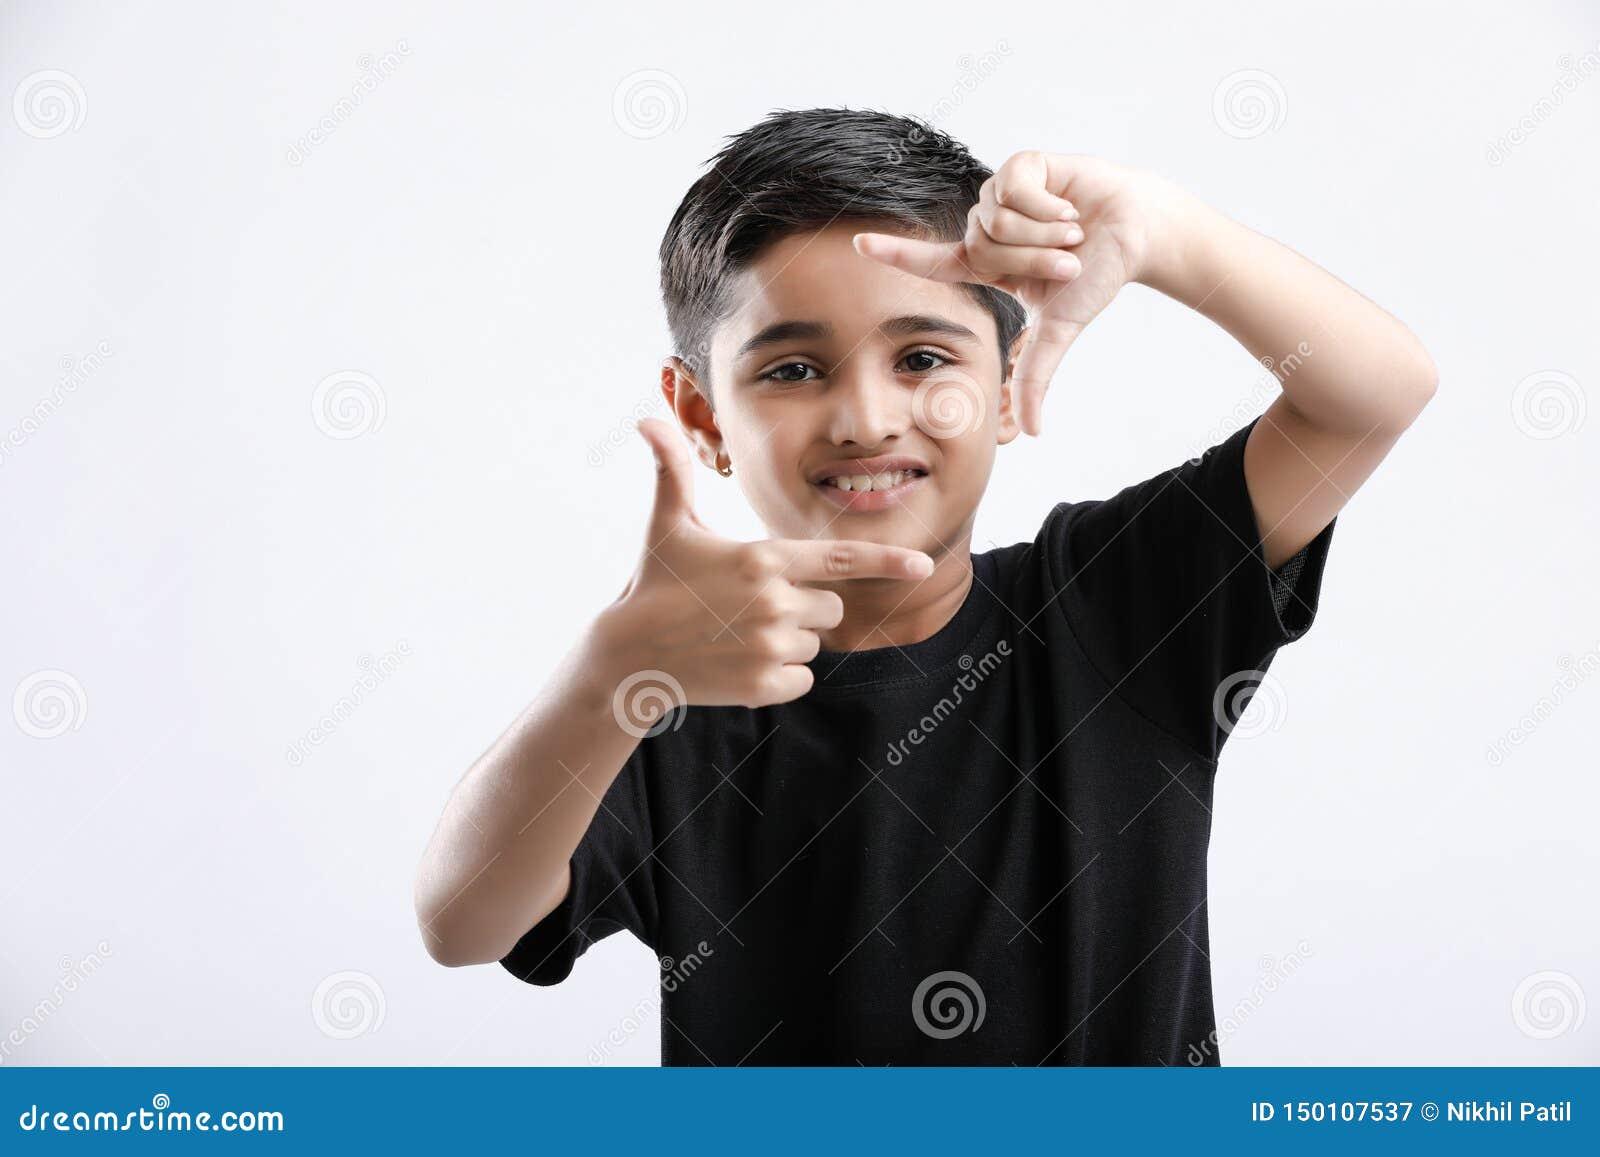 给多个表示的逗人喜爱的印度小男孩